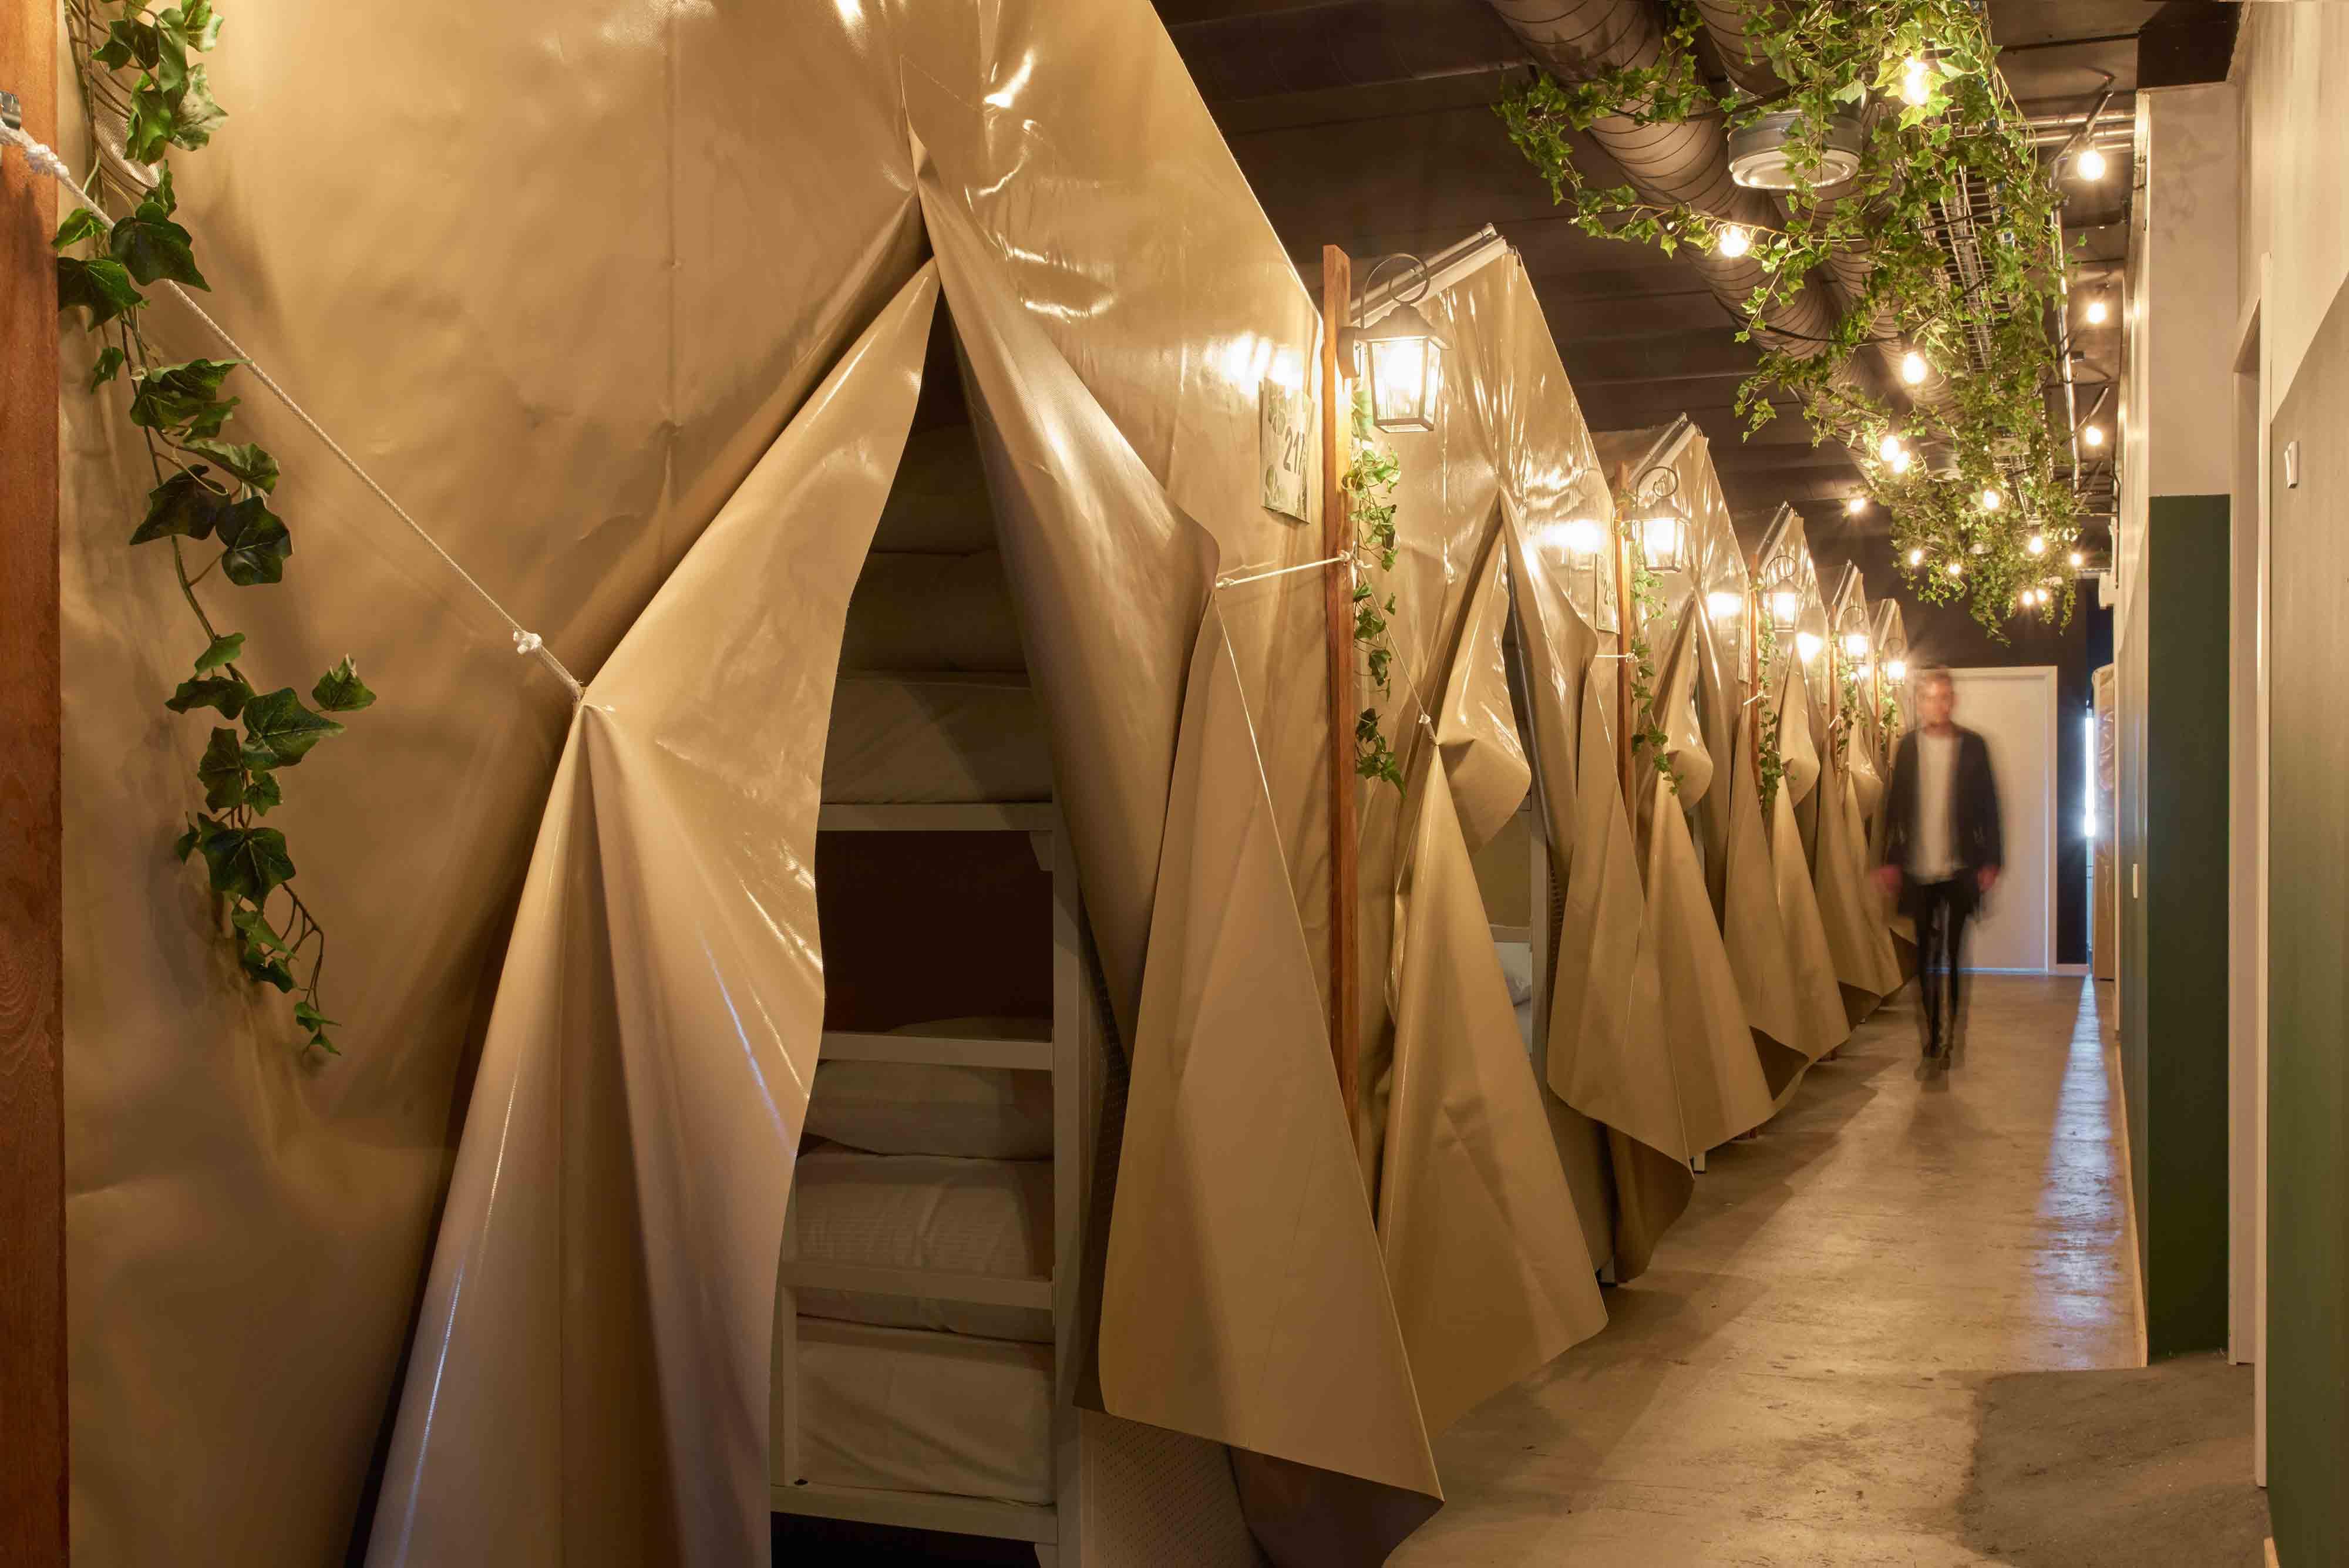 21_open_tents